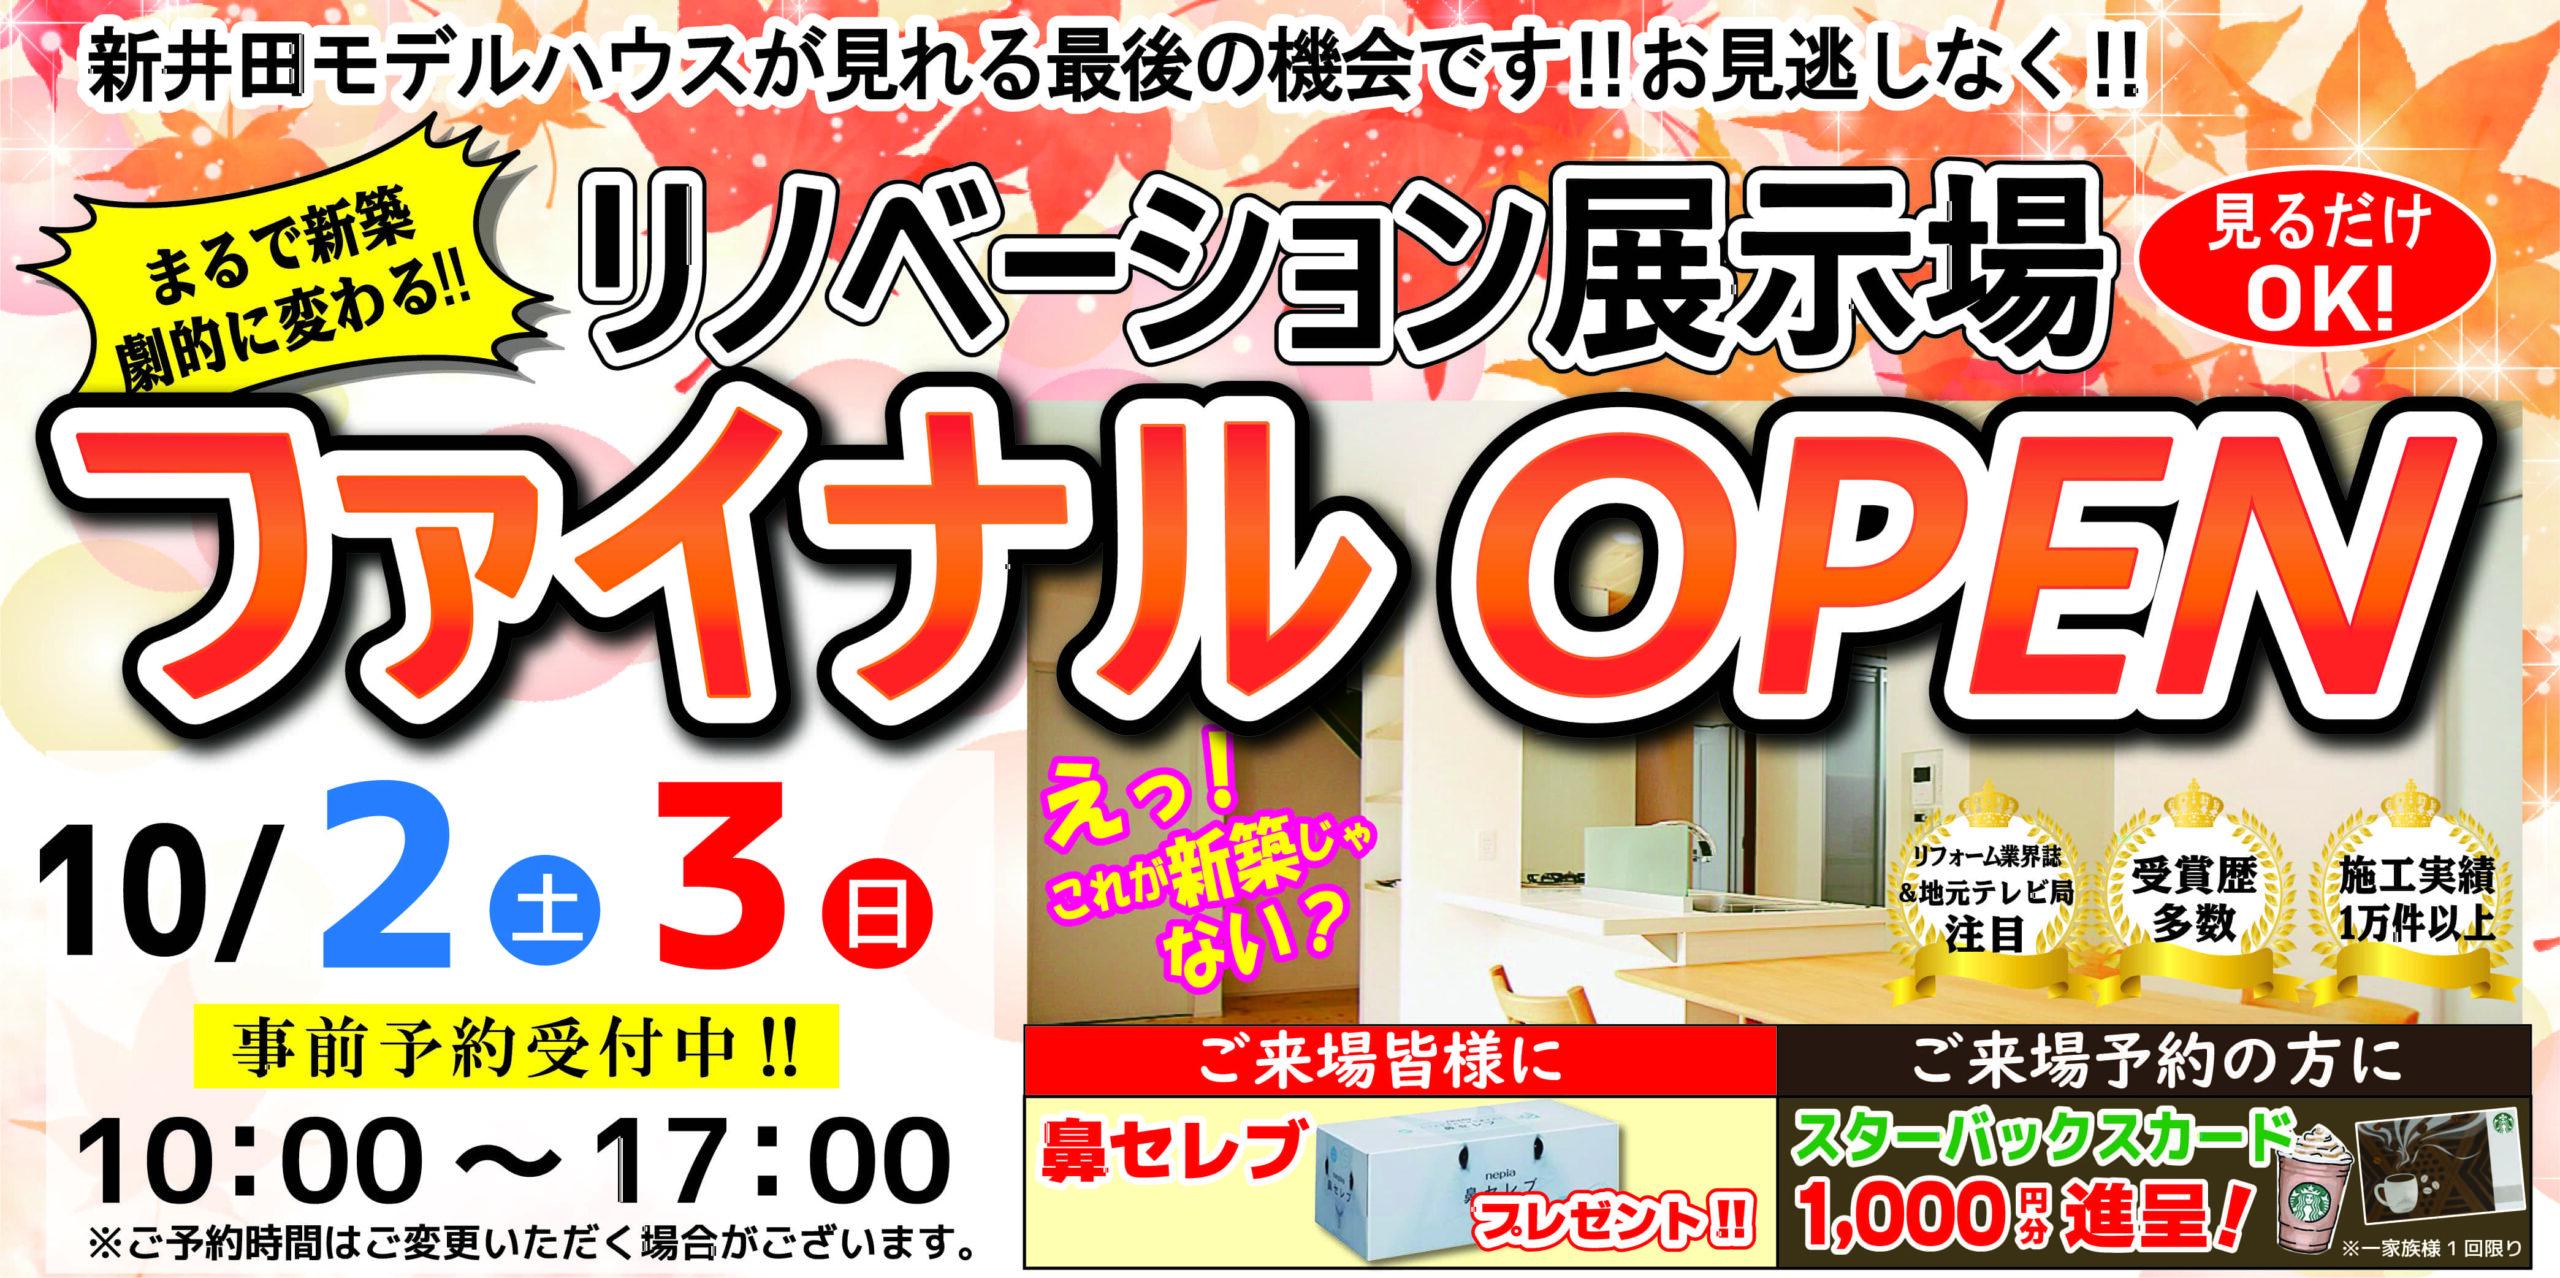 八戸市新井田モデルハウスが見れる最後のチャンス!リノベーション展示場ファイナルオープン!